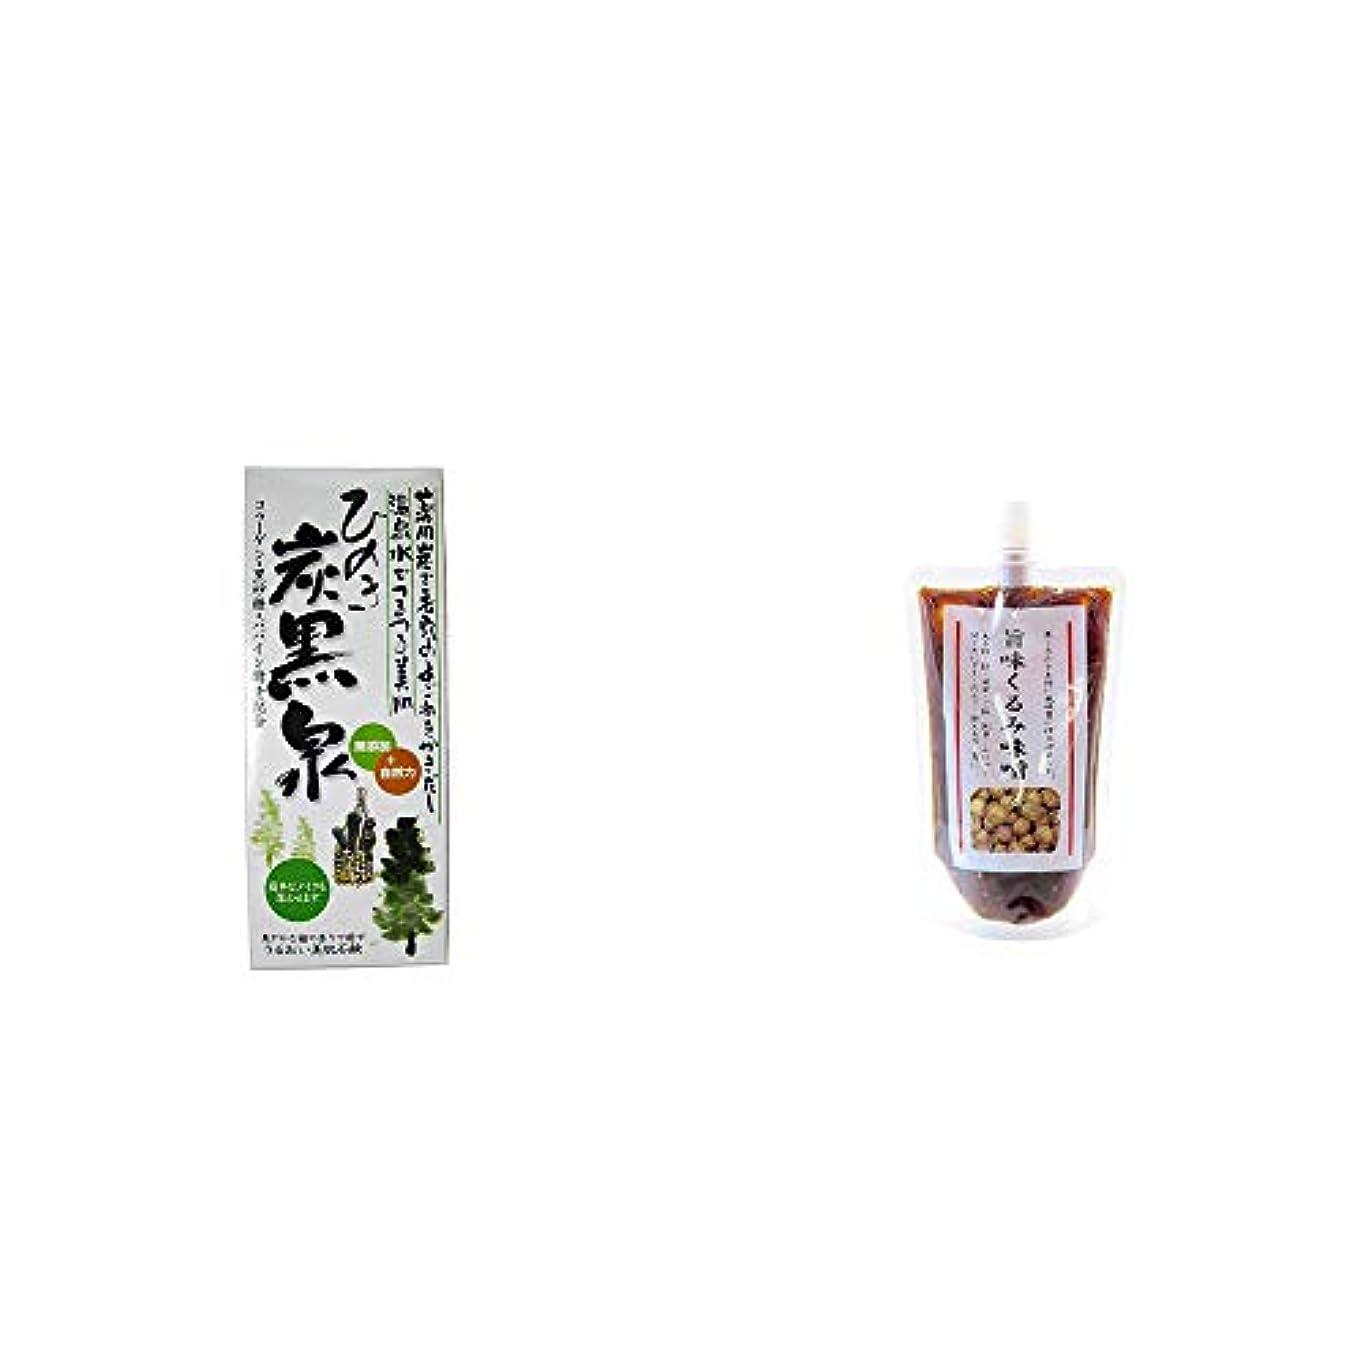 険しい地上のペック[2点セット] ひのき炭黒泉 箱入り(75g×3)?旨味くるみ味噌(260g)